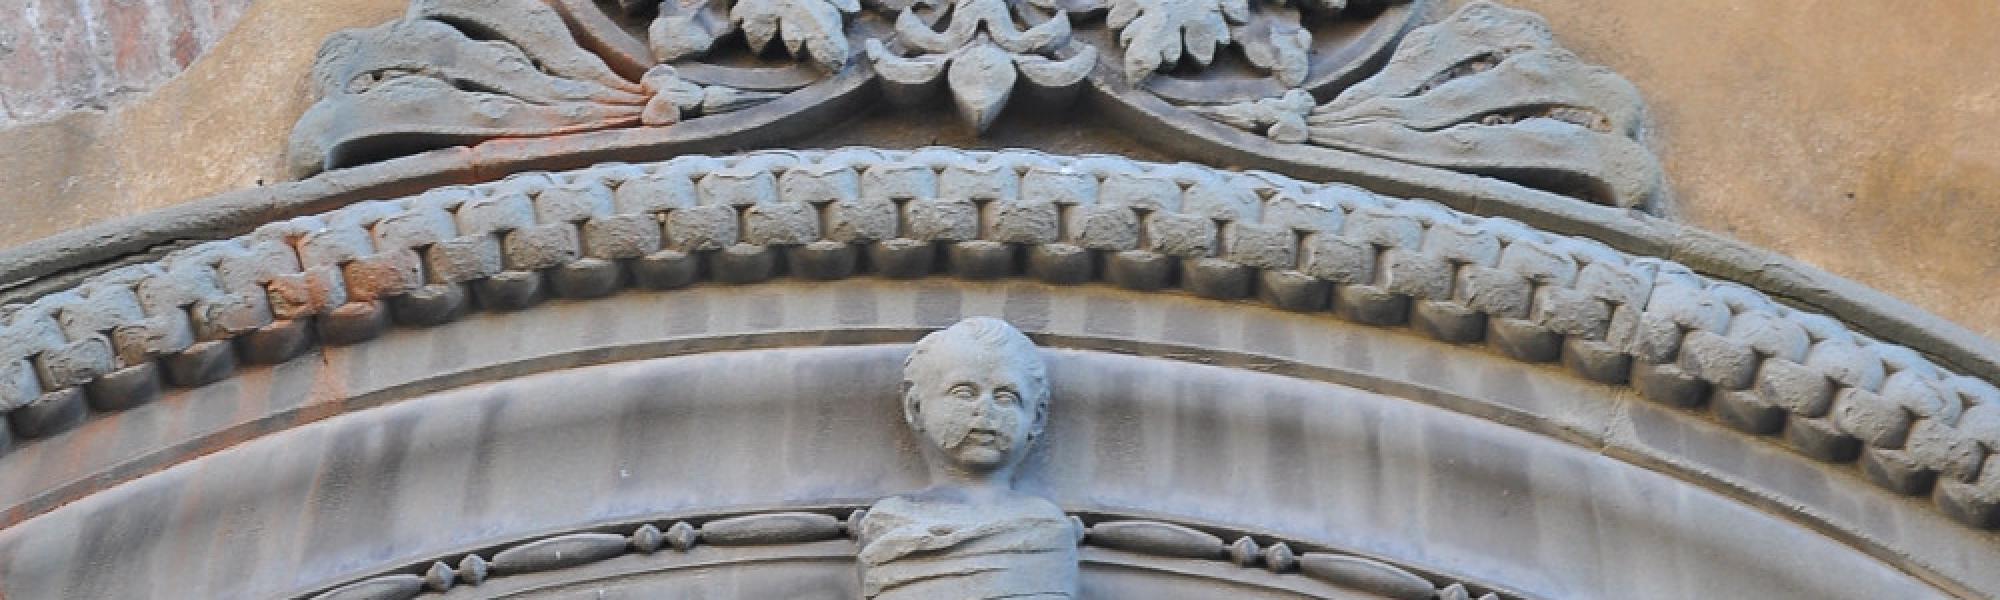 Bambino in fasce sopra il portale - Ospizio dei Trovatelli (F. Anichini)